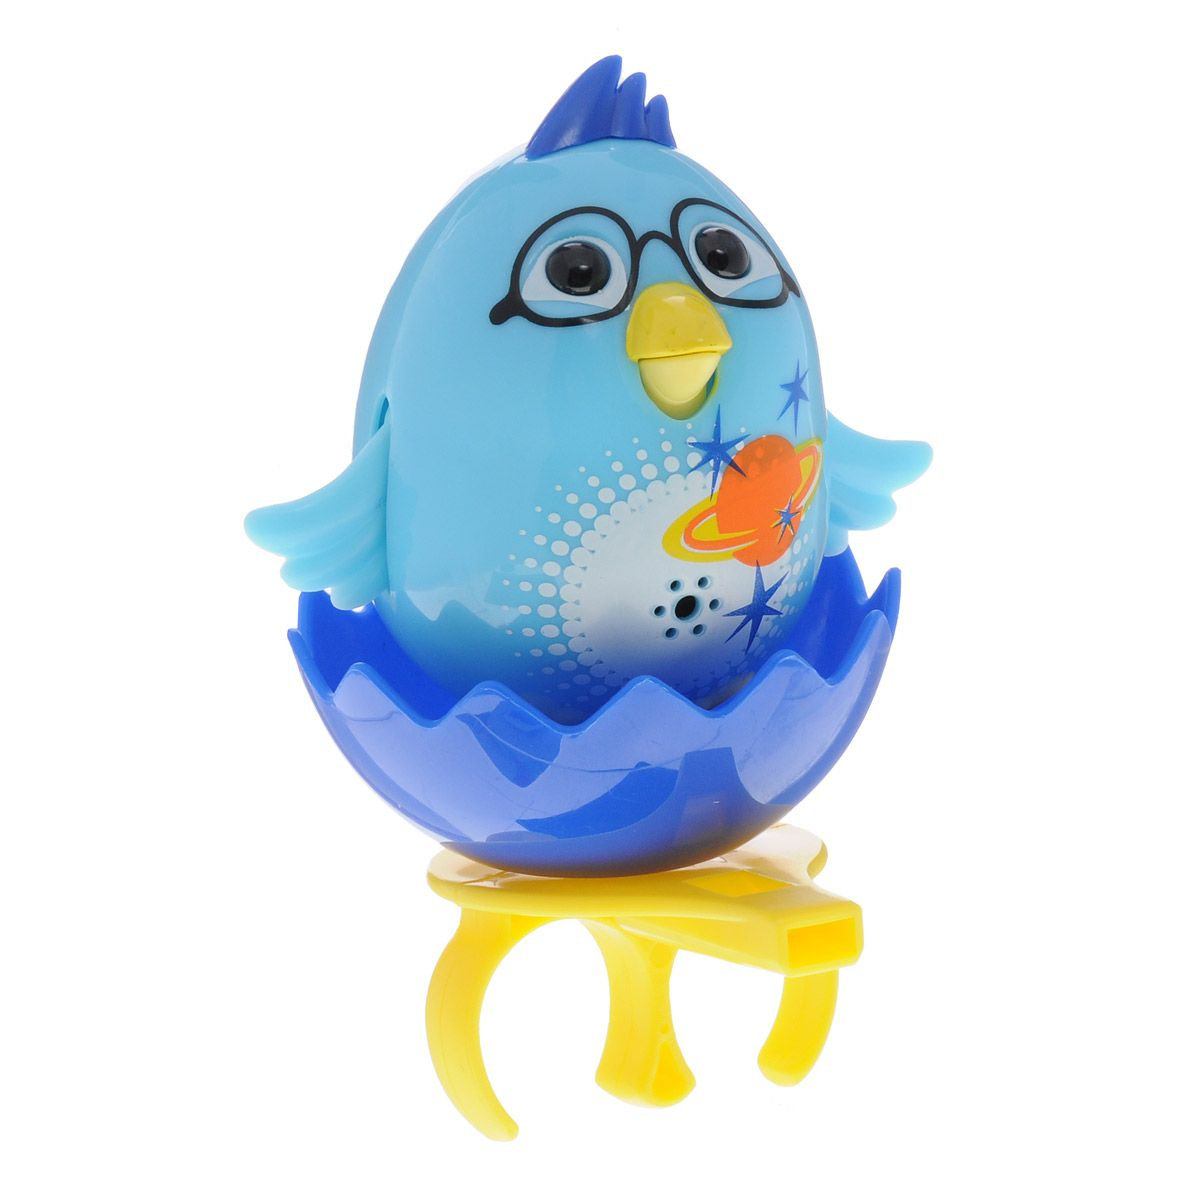 Silverlit Интерактивная игрушка Поющий цыпленок с кольцом Голубой